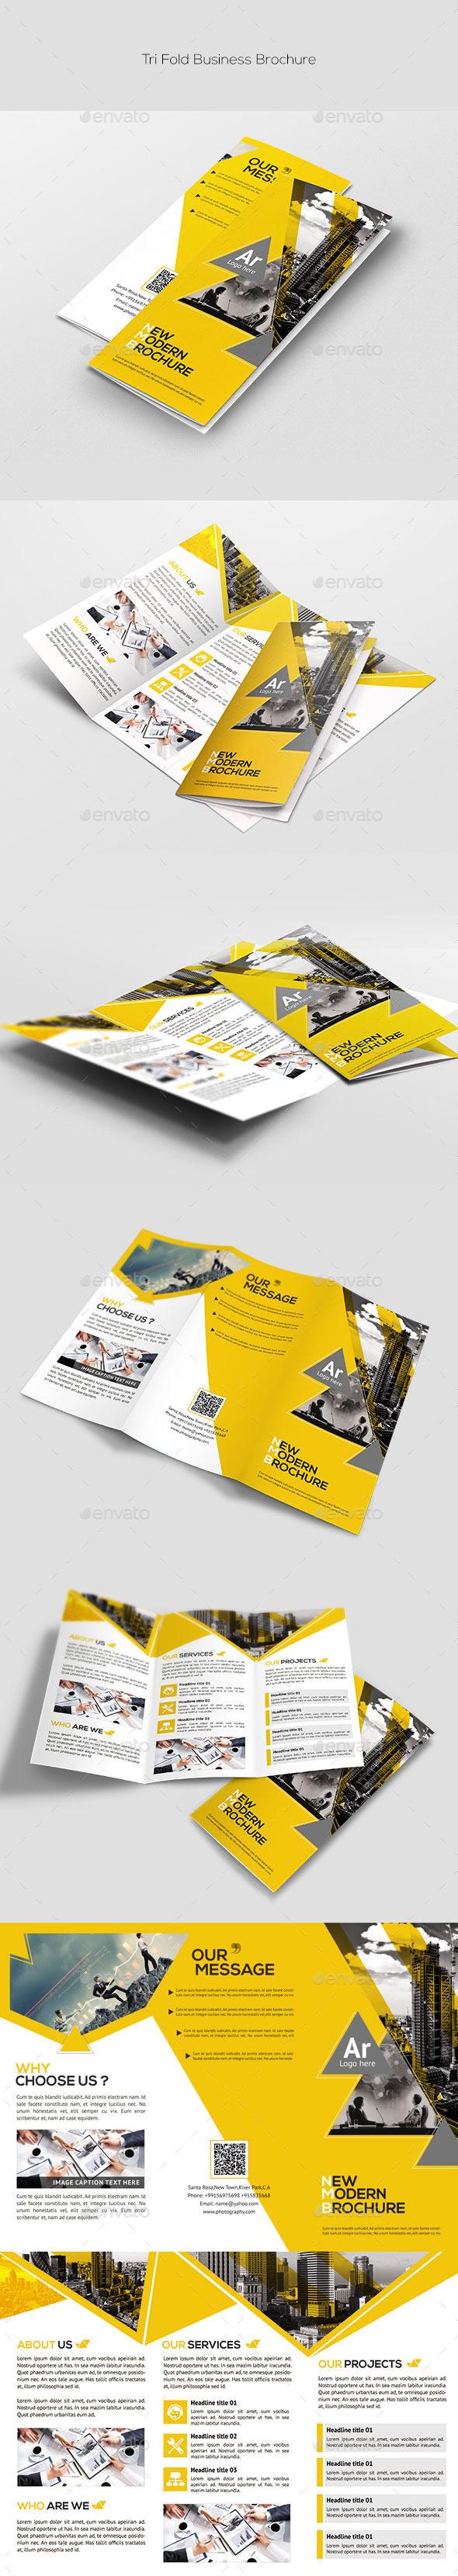 GraphicRiver Tri-Fold Corporate Brochure 11540161